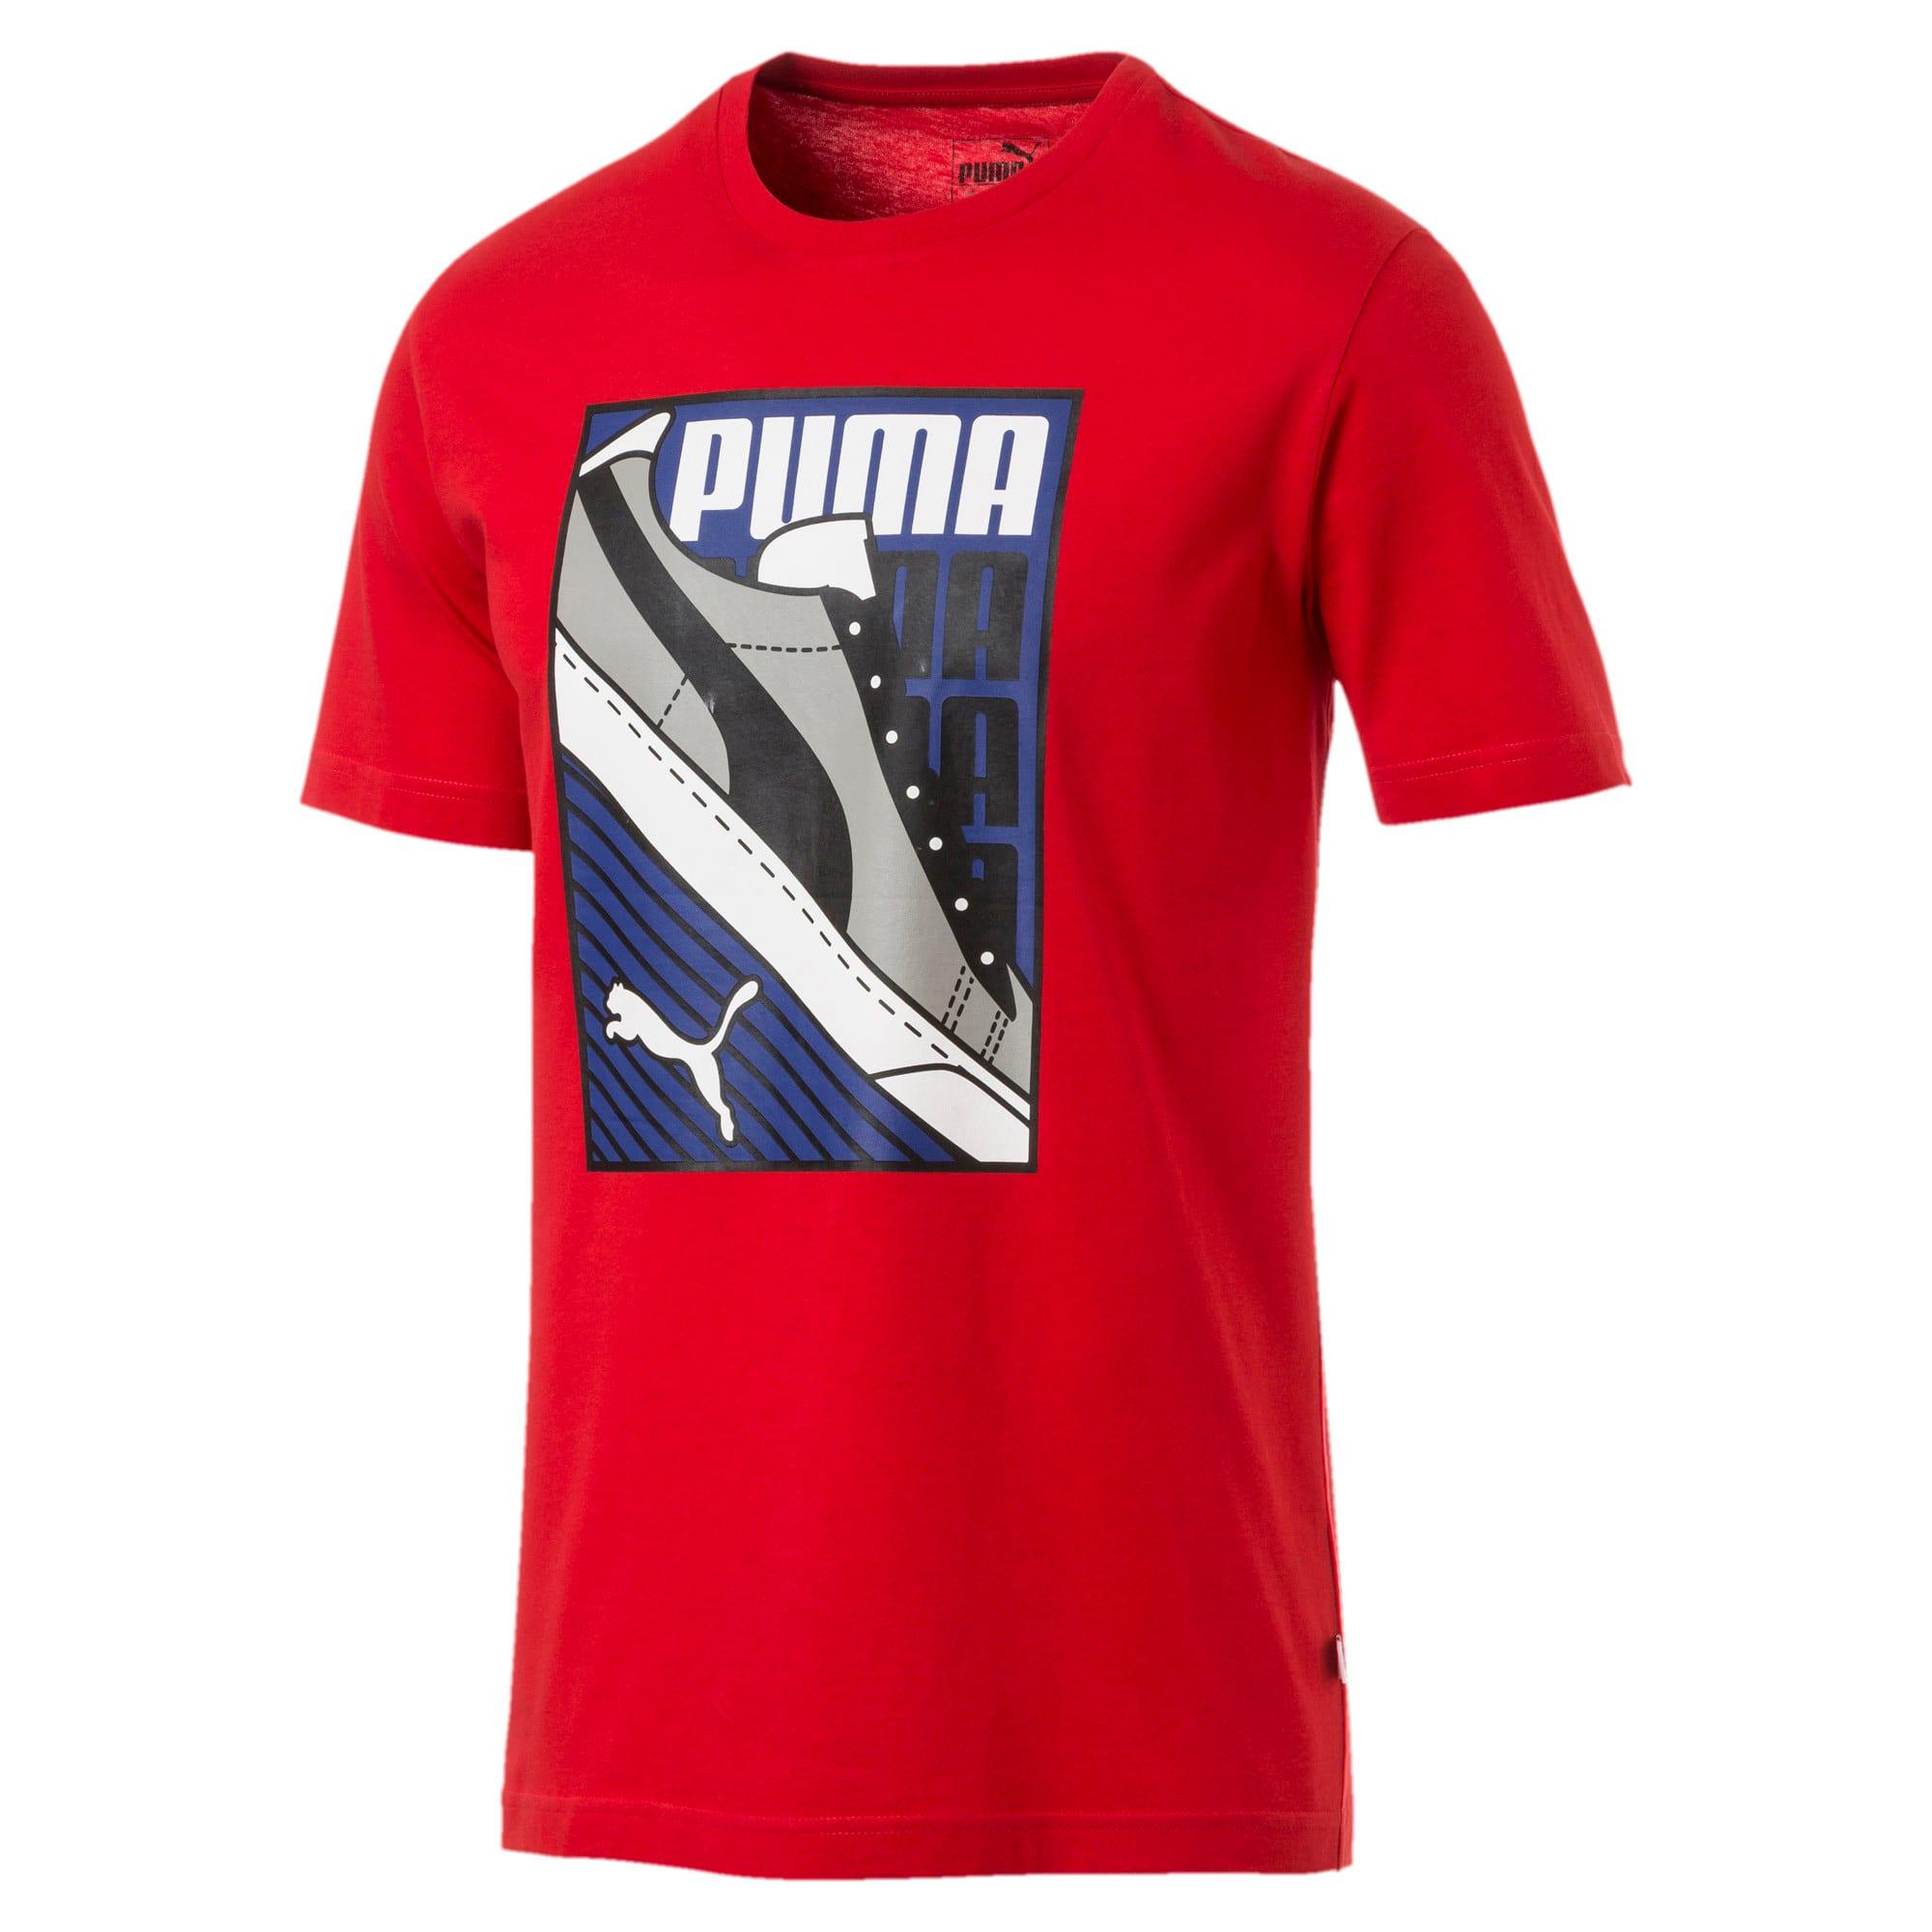 Thumbnail 1 of Men's Sneaker Tee, High Risk Red, medium